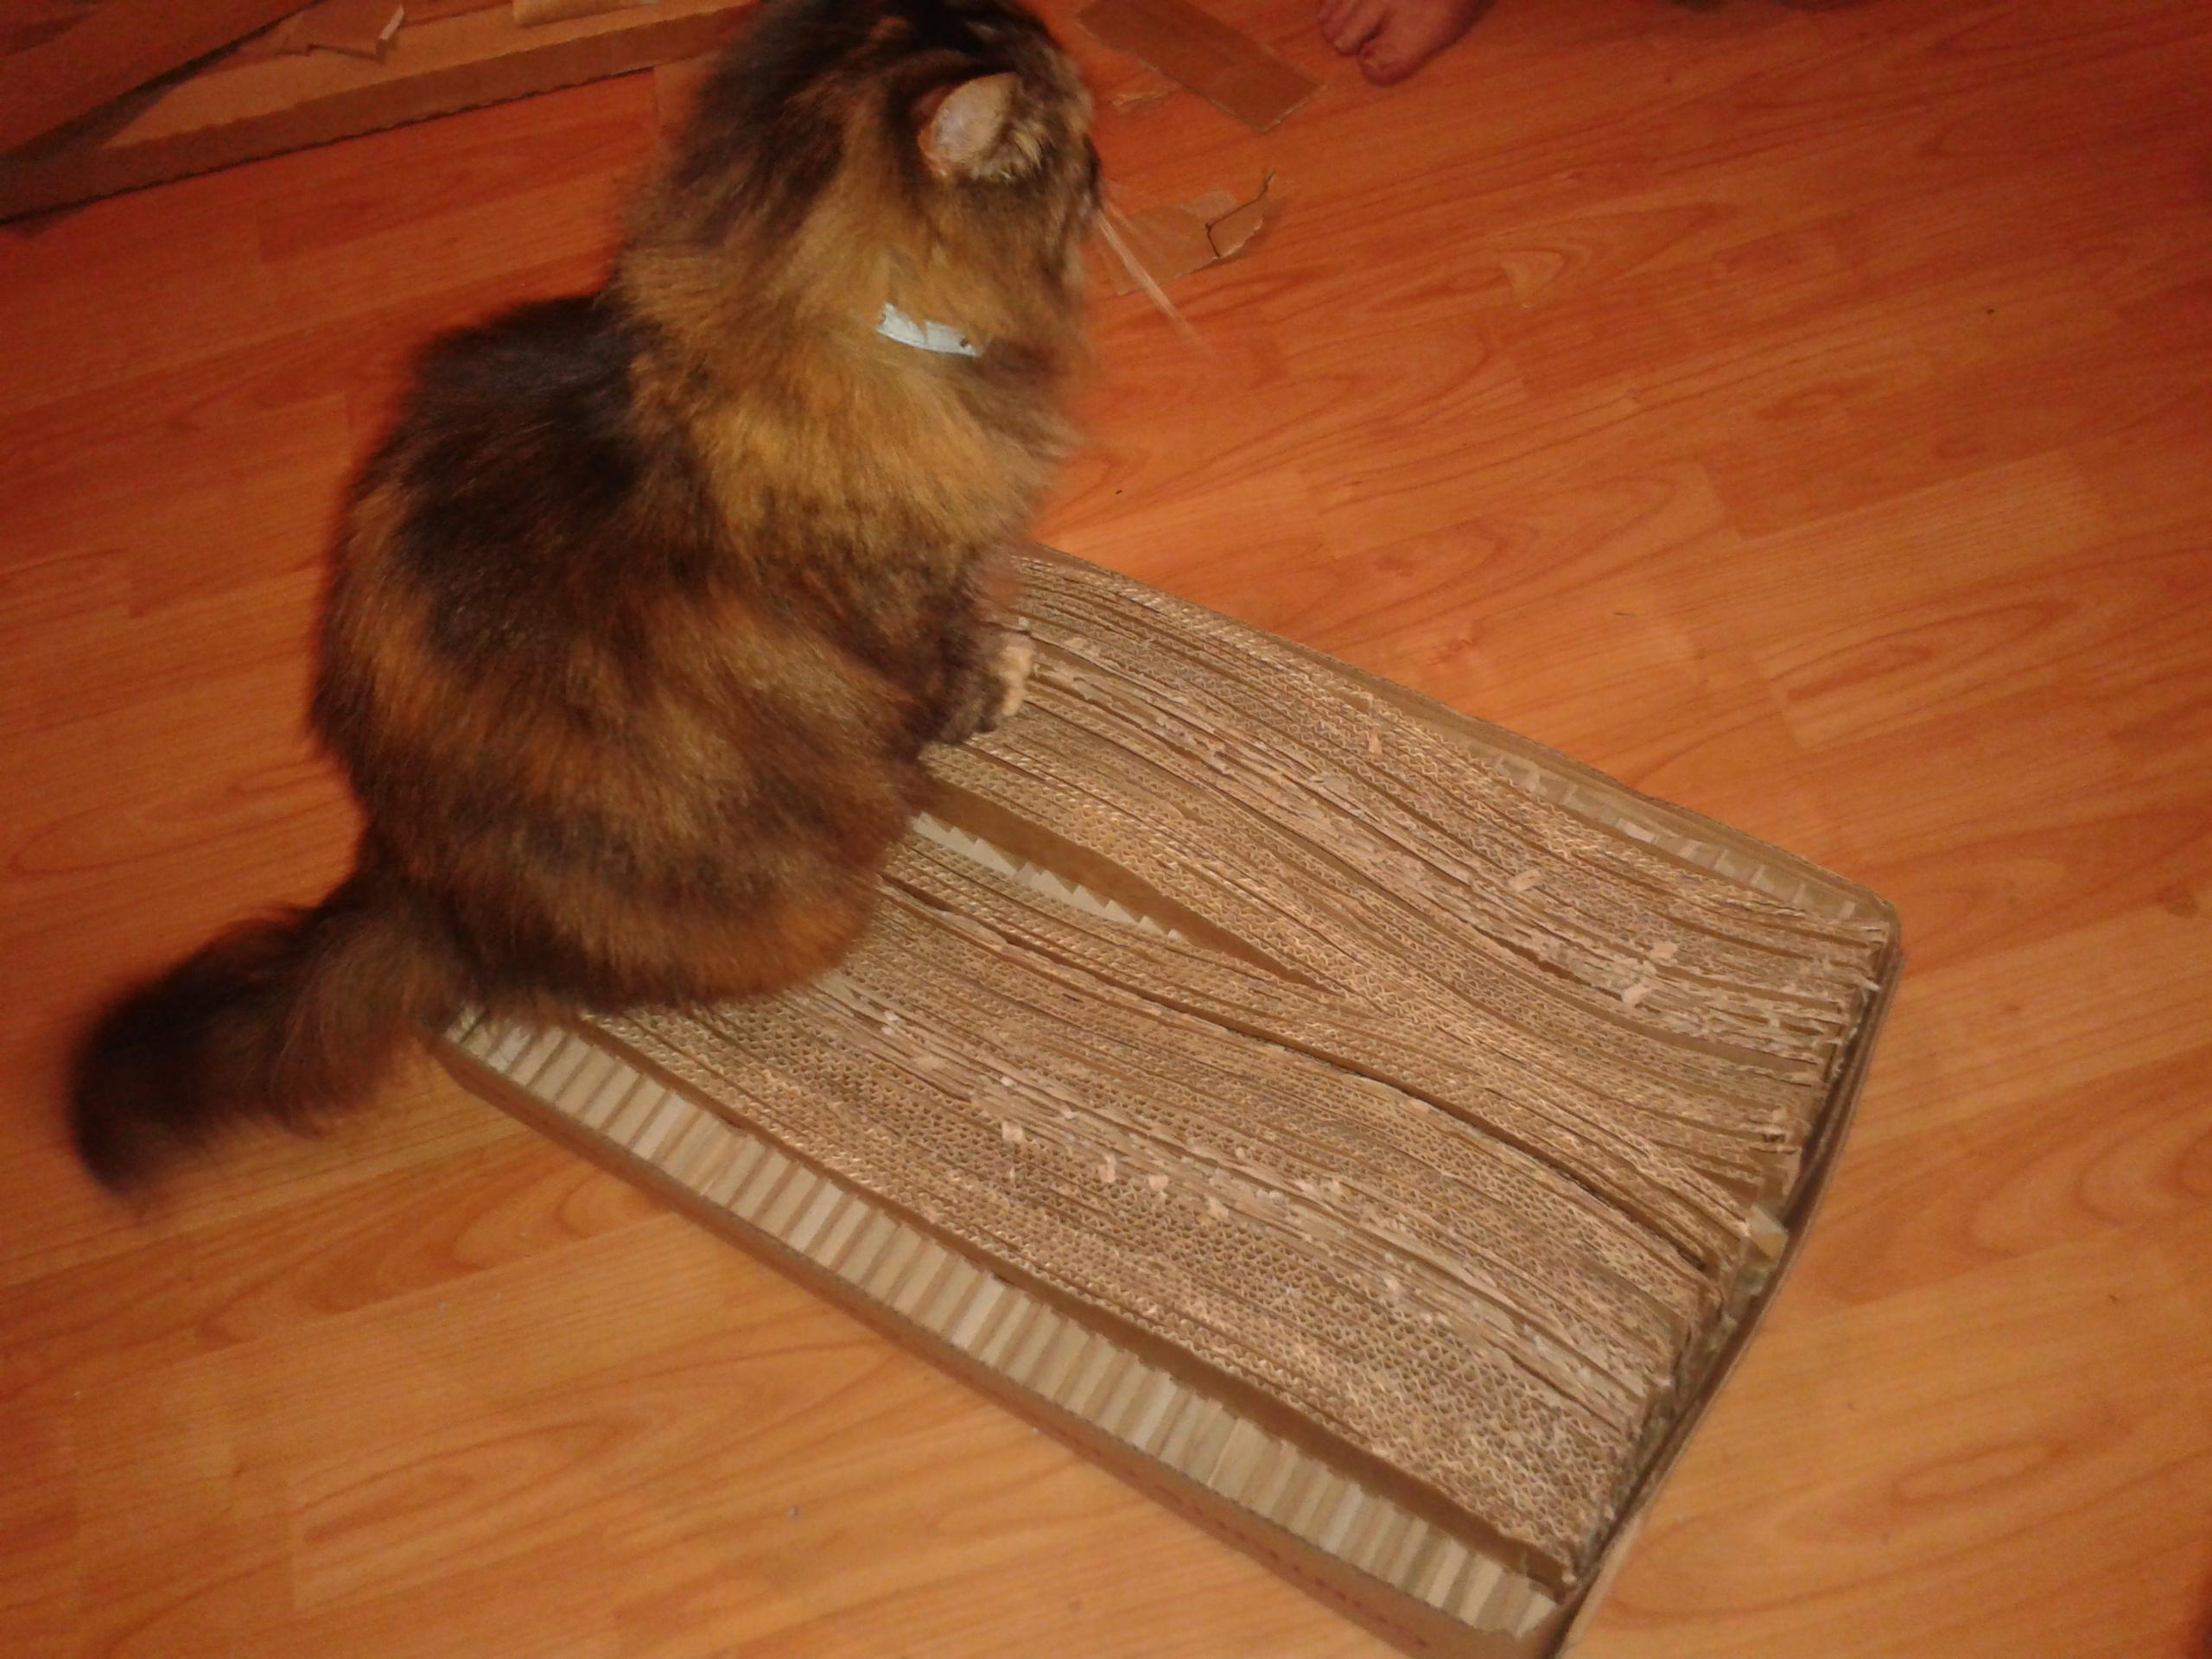 Cardboard cat bed scratcher